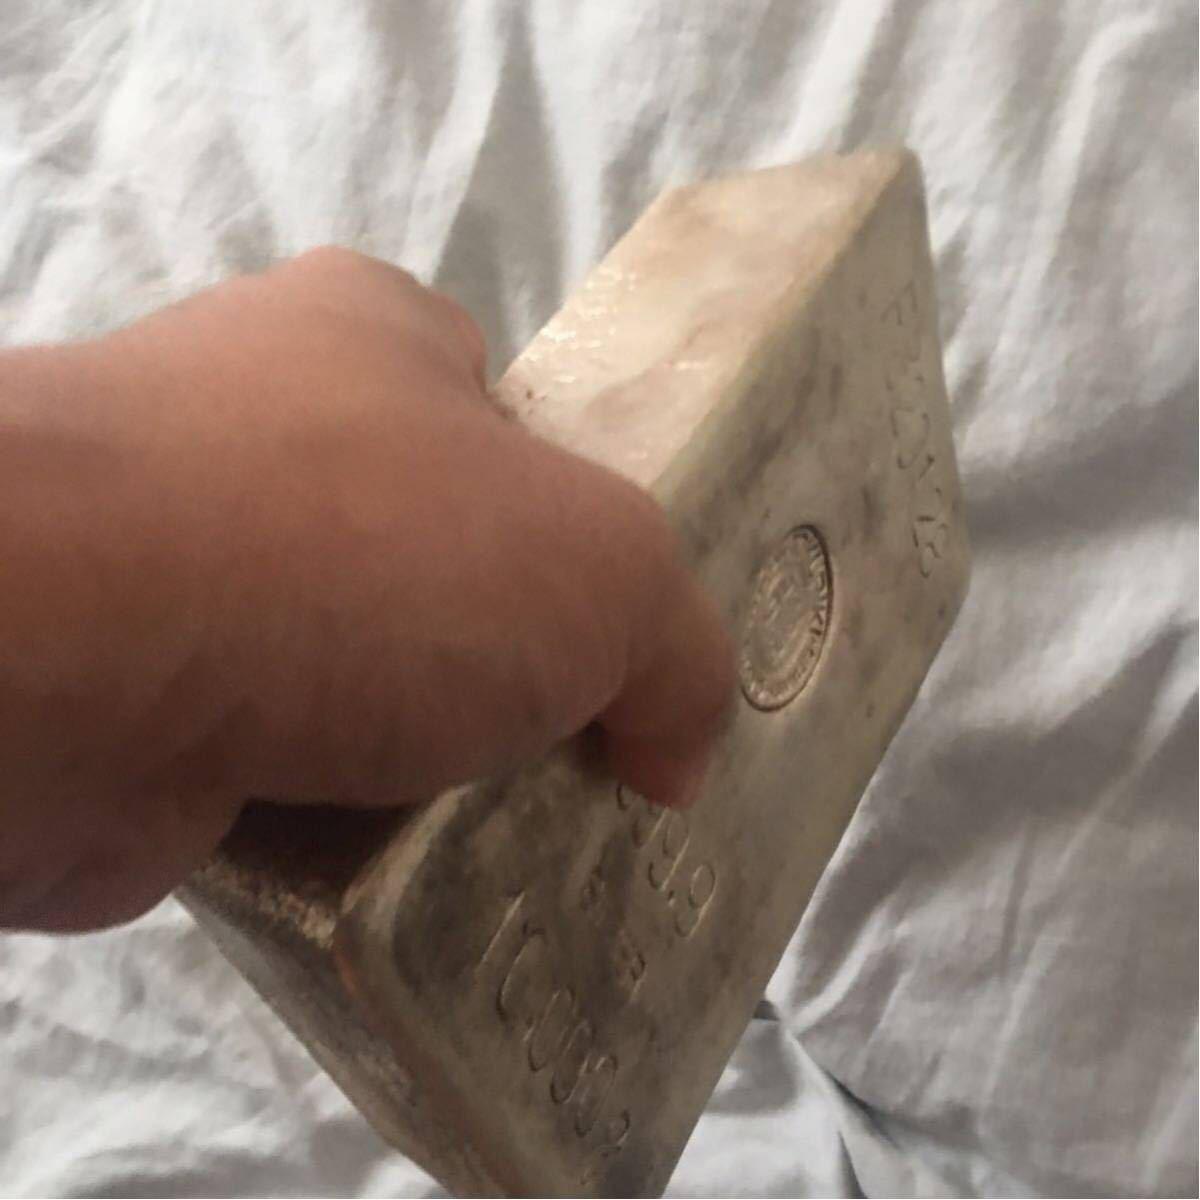 激レア本物保証 徳力本店 純銀 インゴット 銀地金 10kg 銀 銀貨 シルバー 999.9 10Kg 世界最高純度silver ingot アンティーク銀塊_画像4